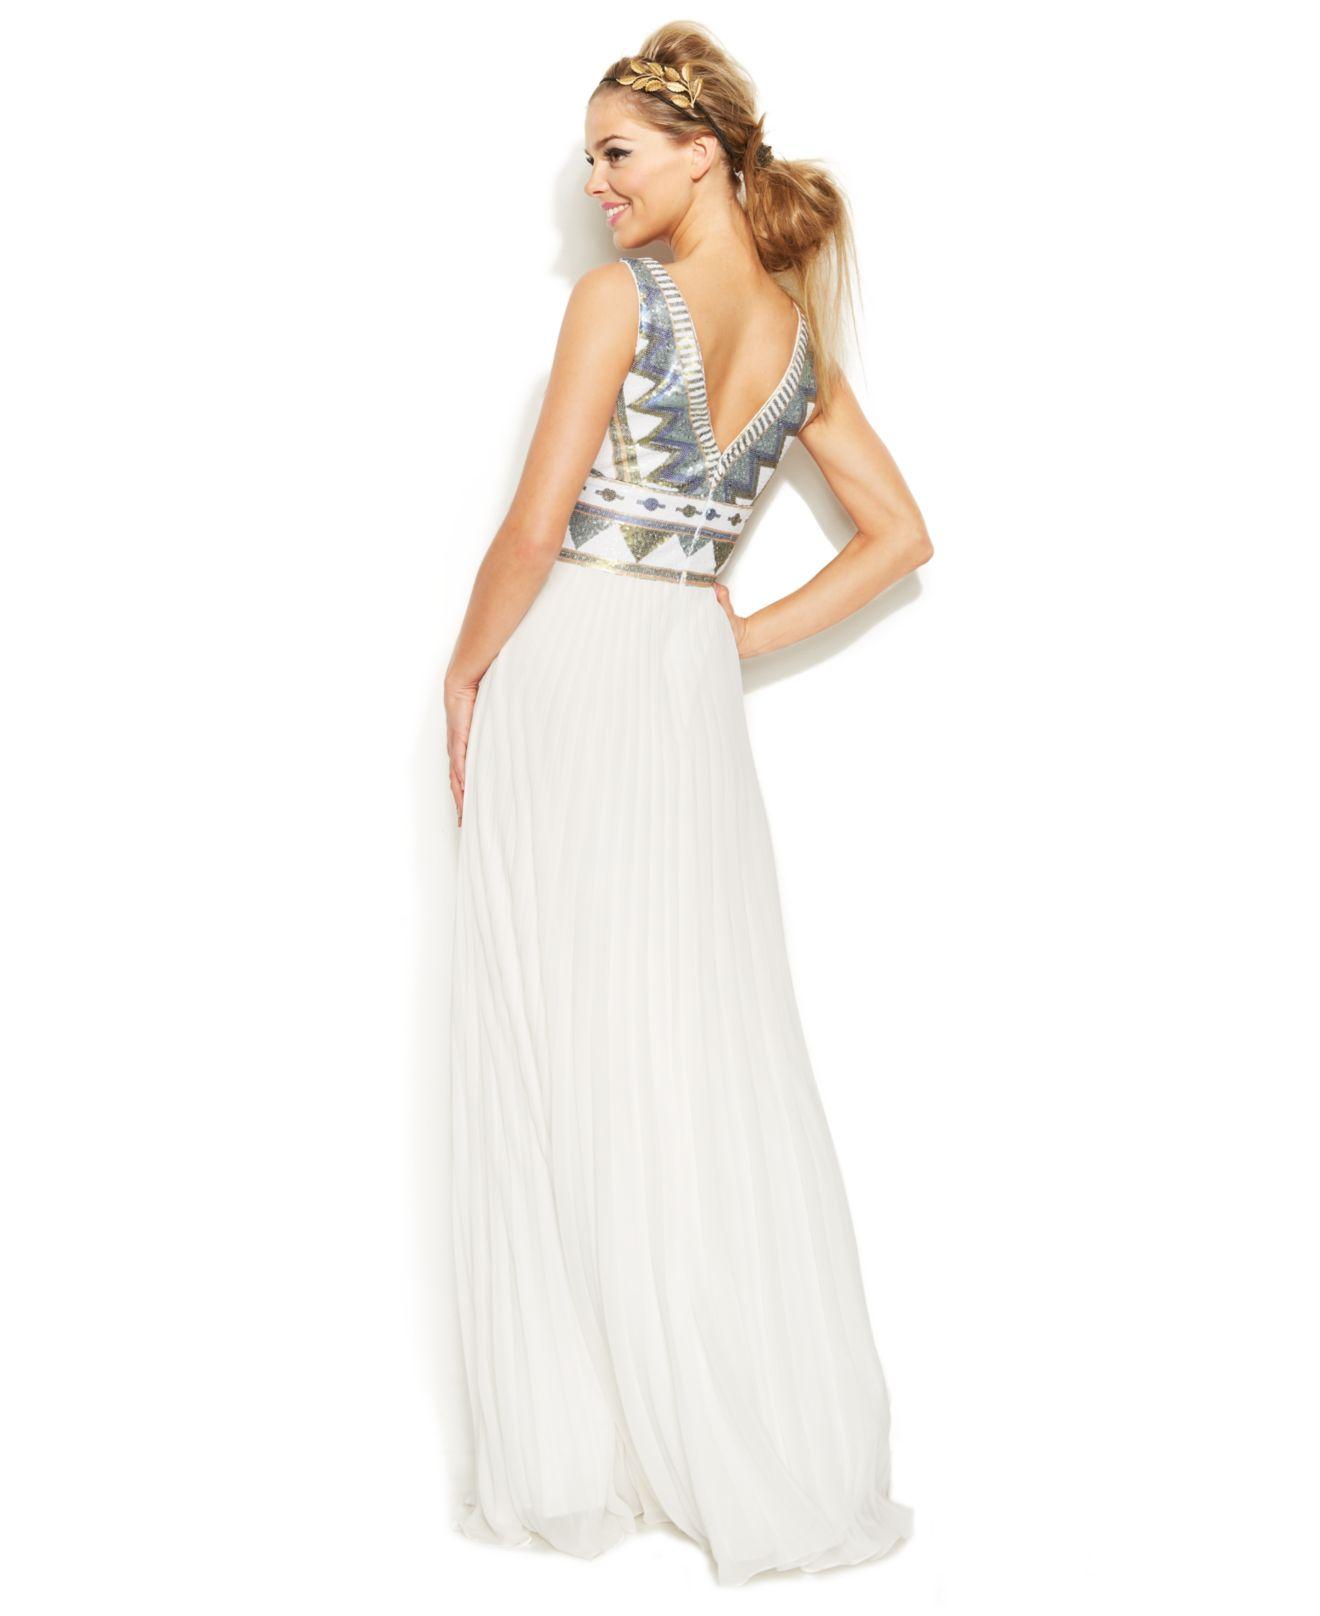 Charmant Xscape Prom Kleid Bilder - Hochzeit Kleid Stile Ideen ...